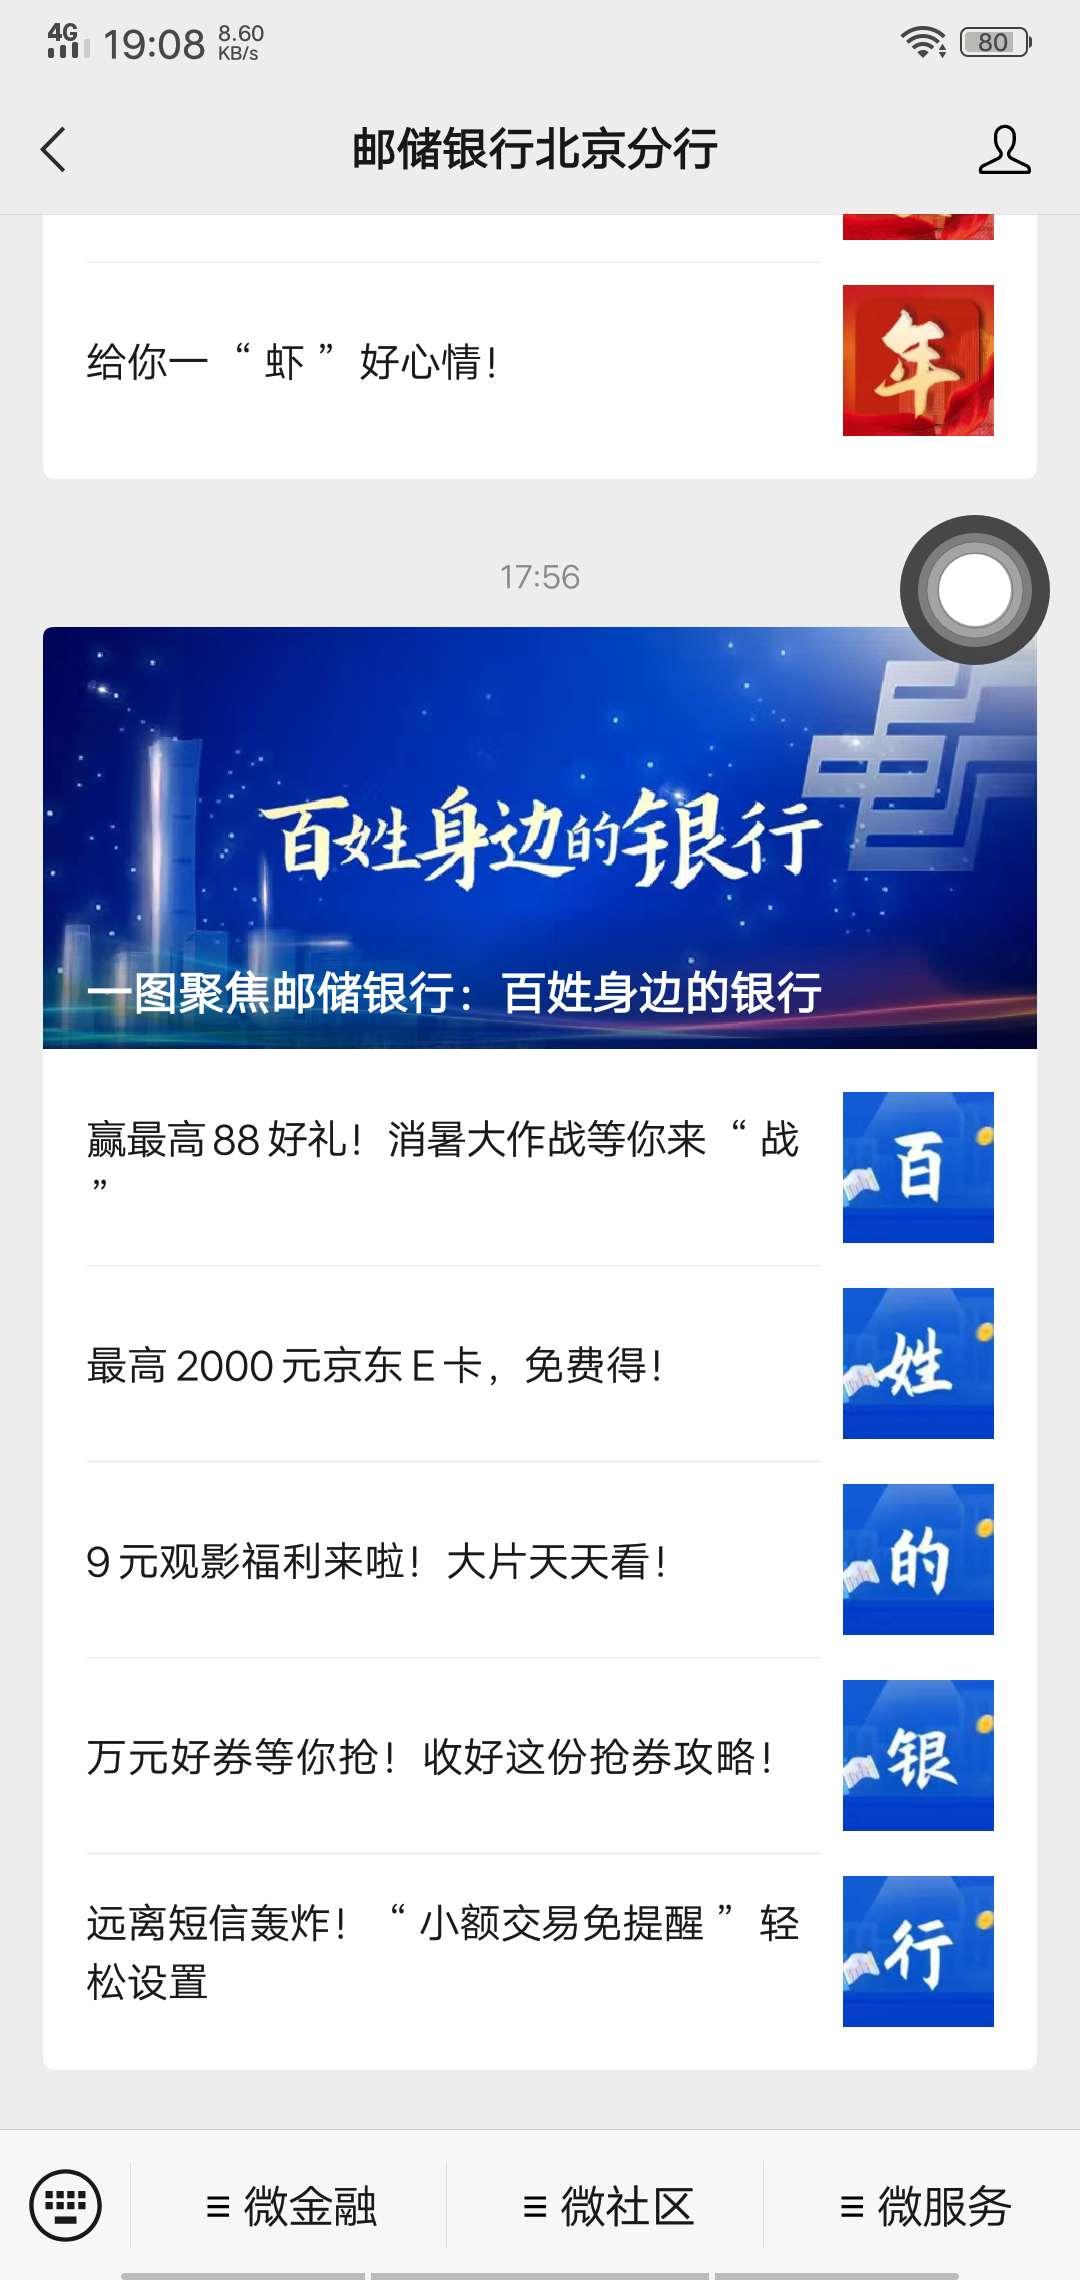 邮储银行北京分行抽0.3-88